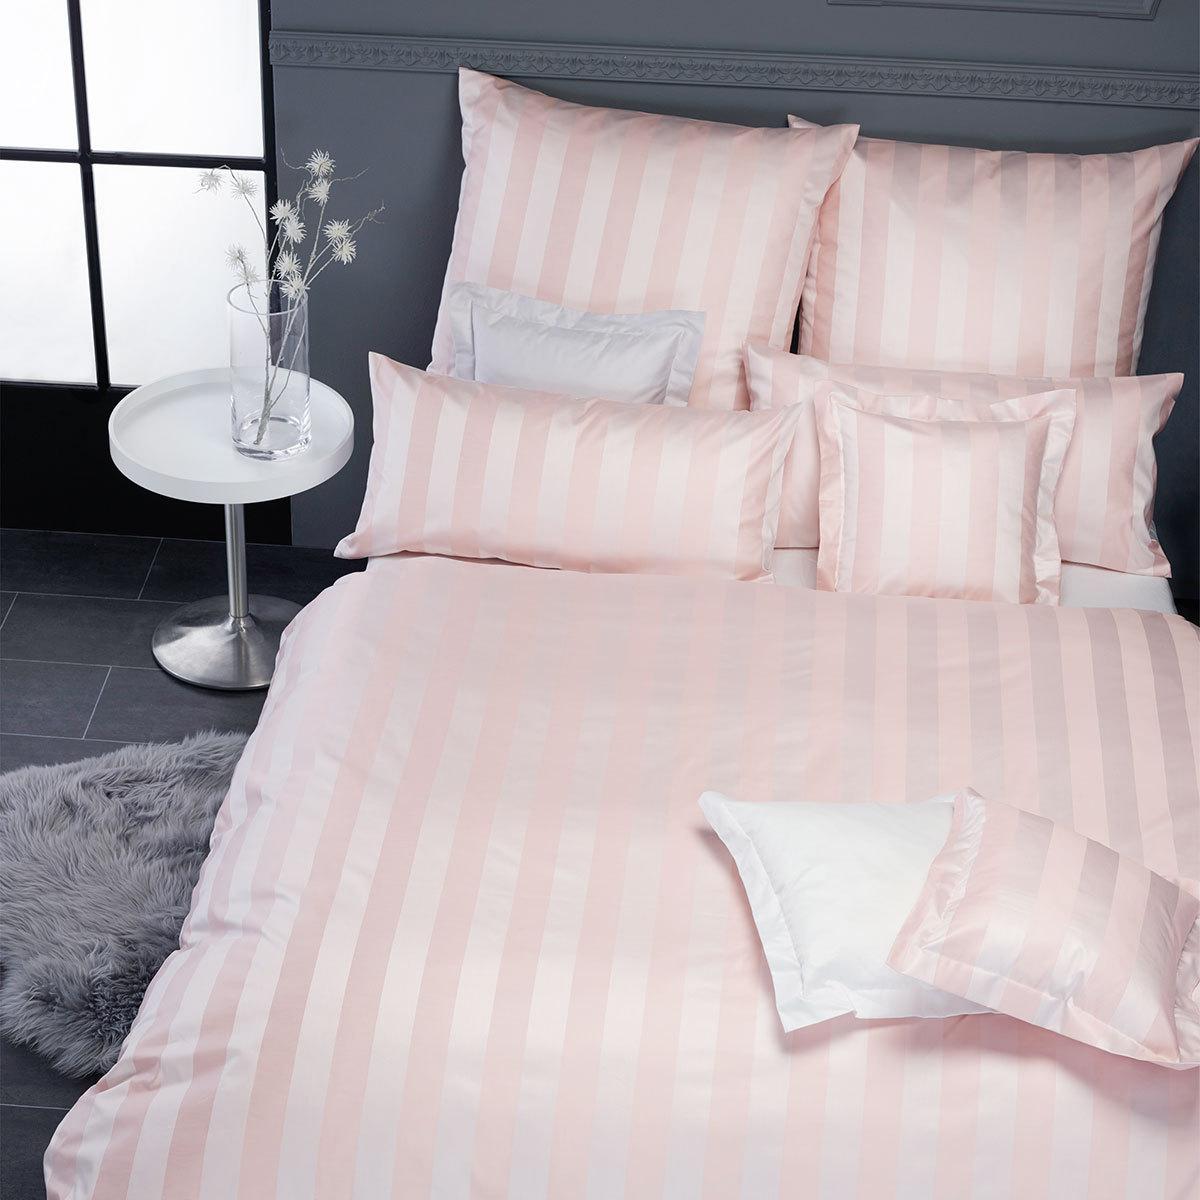 curt bauer damast bettw sche como kirsche g nstig online kaufen bei bettwaren shop. Black Bedroom Furniture Sets. Home Design Ideas